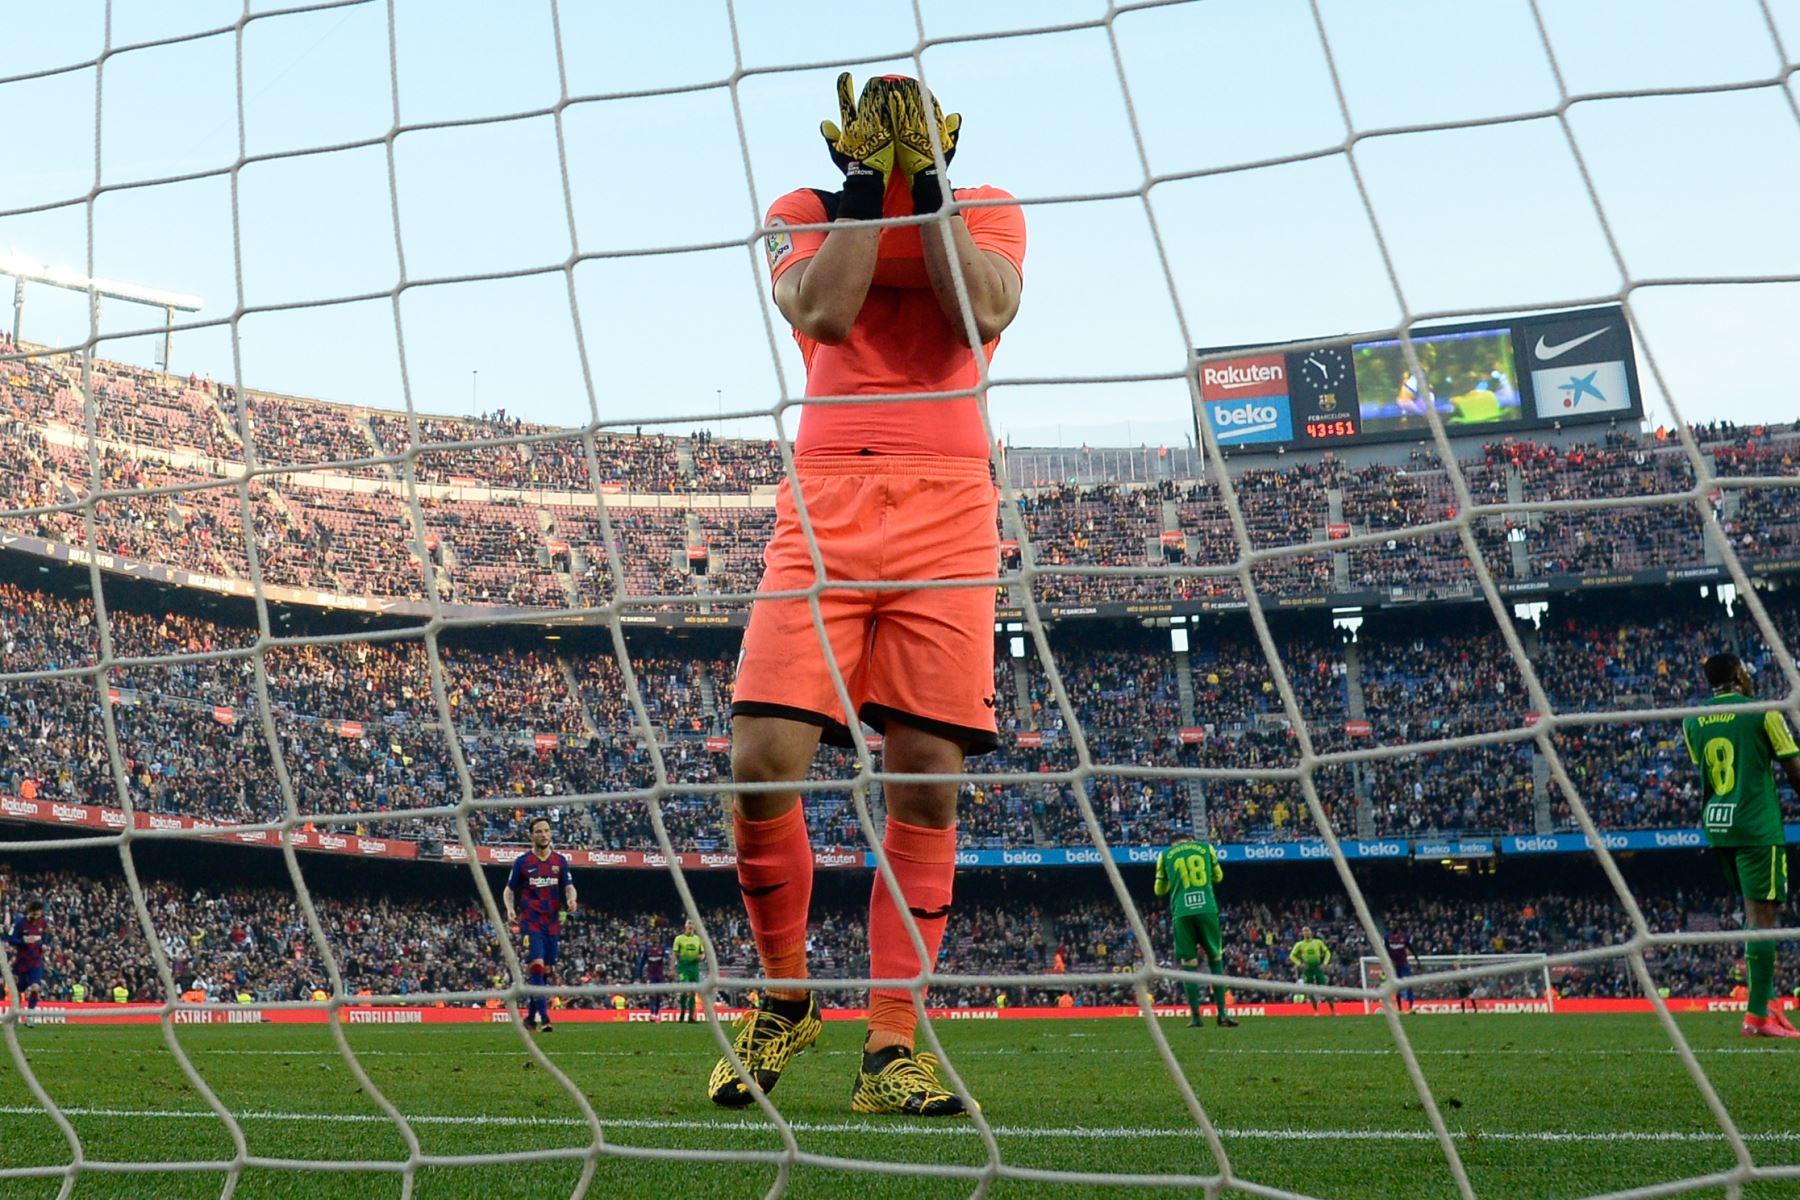 El portero serbio de Eibar, Marko Dmitrovic, reacciona después de que el delantero argentino de Barcelona Lionel Messi anotó durante el partido de fútbol de la liga española FC Barcelona contra SD Eibar. Foto: AFP